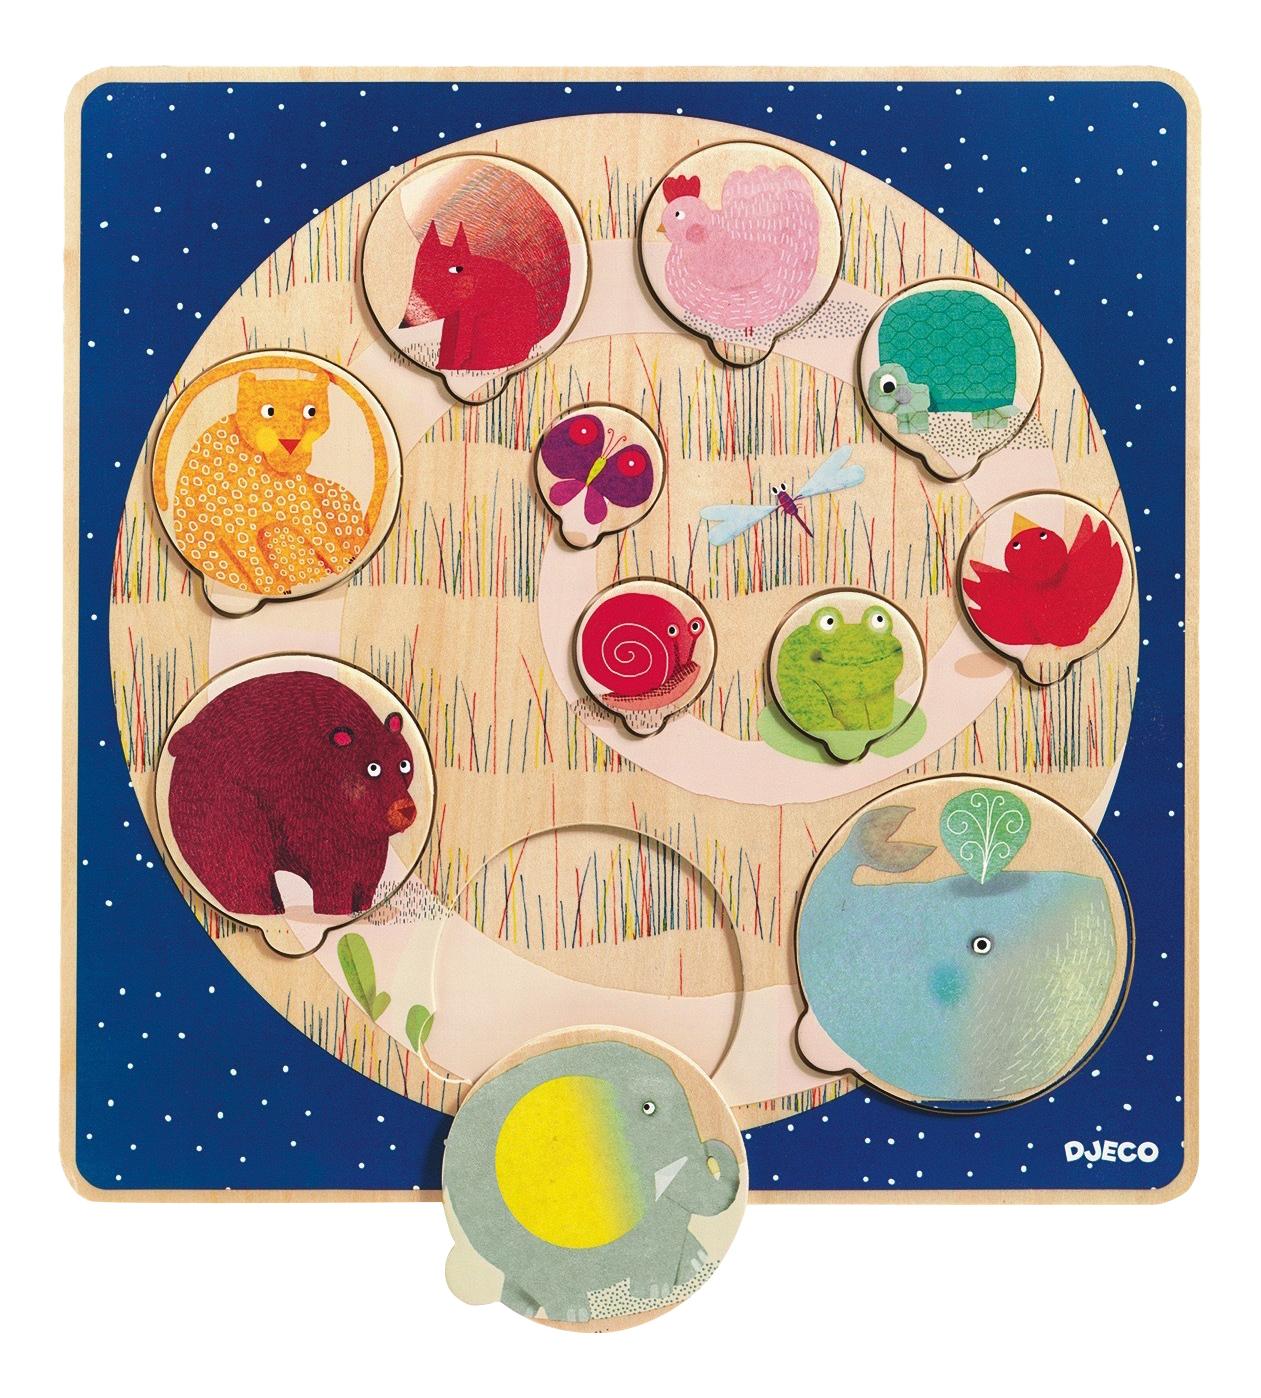 Деревянная игрушка для малышей Djeco Запомни размер, Развивающие игрушки  - купить со скидкой